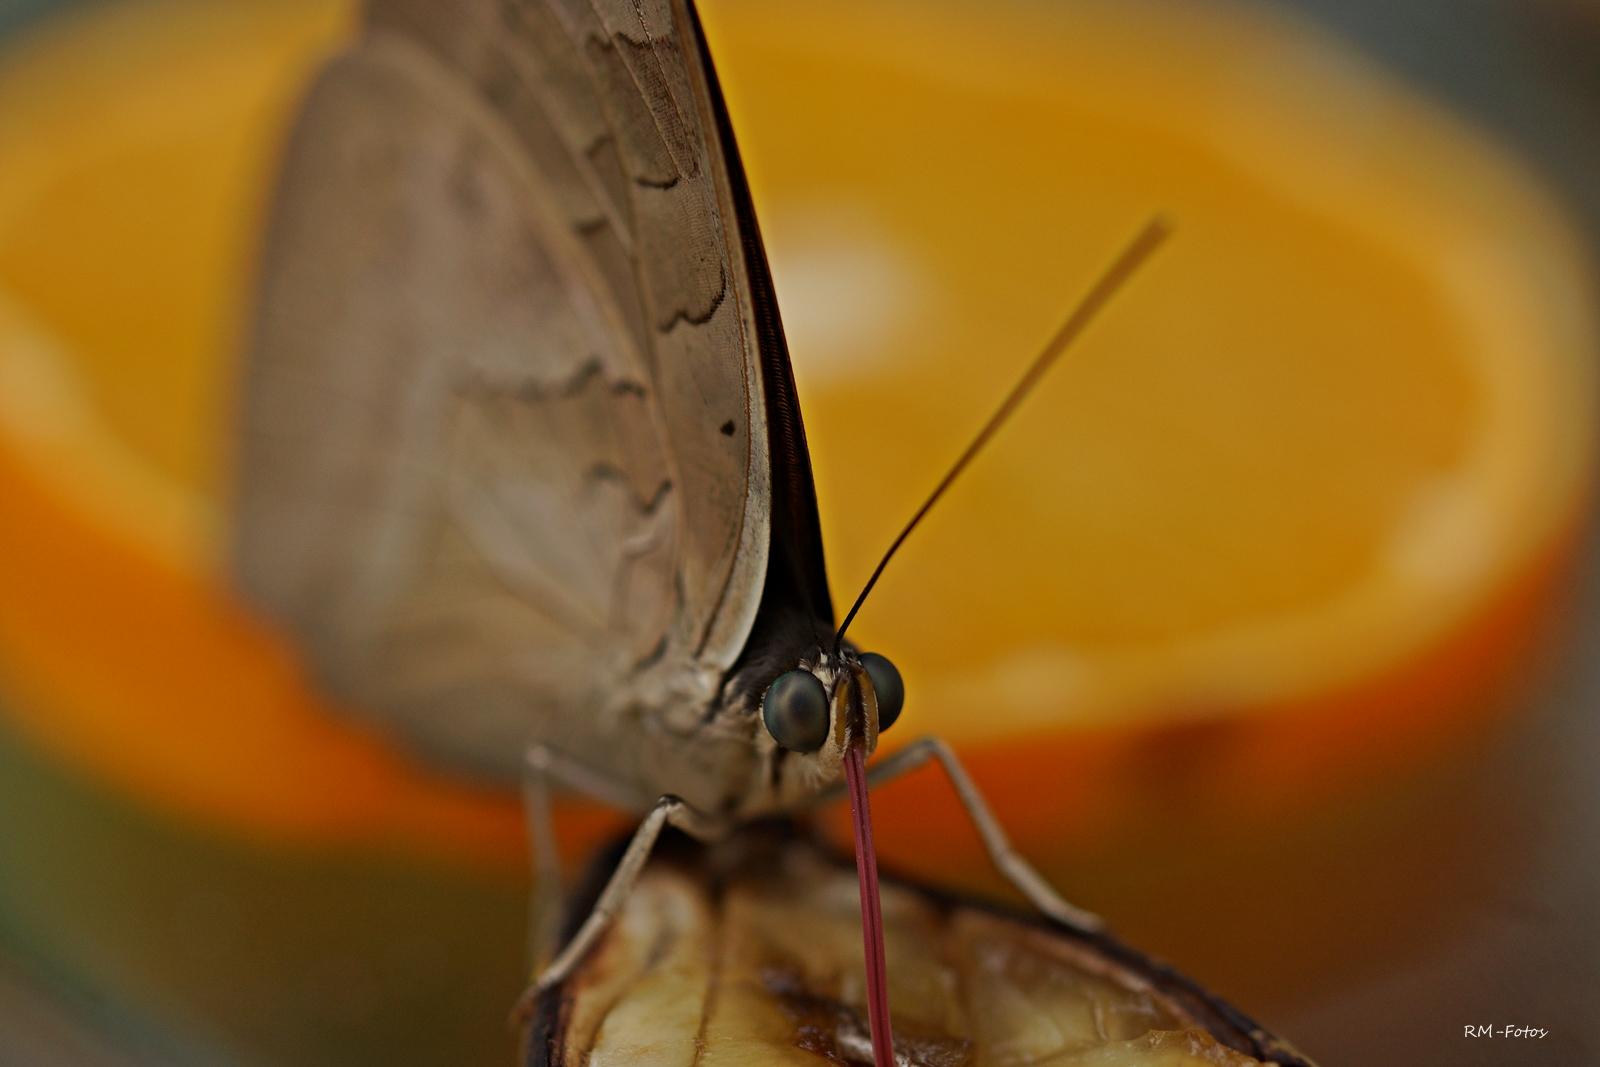 die Augen des Schmetterlings